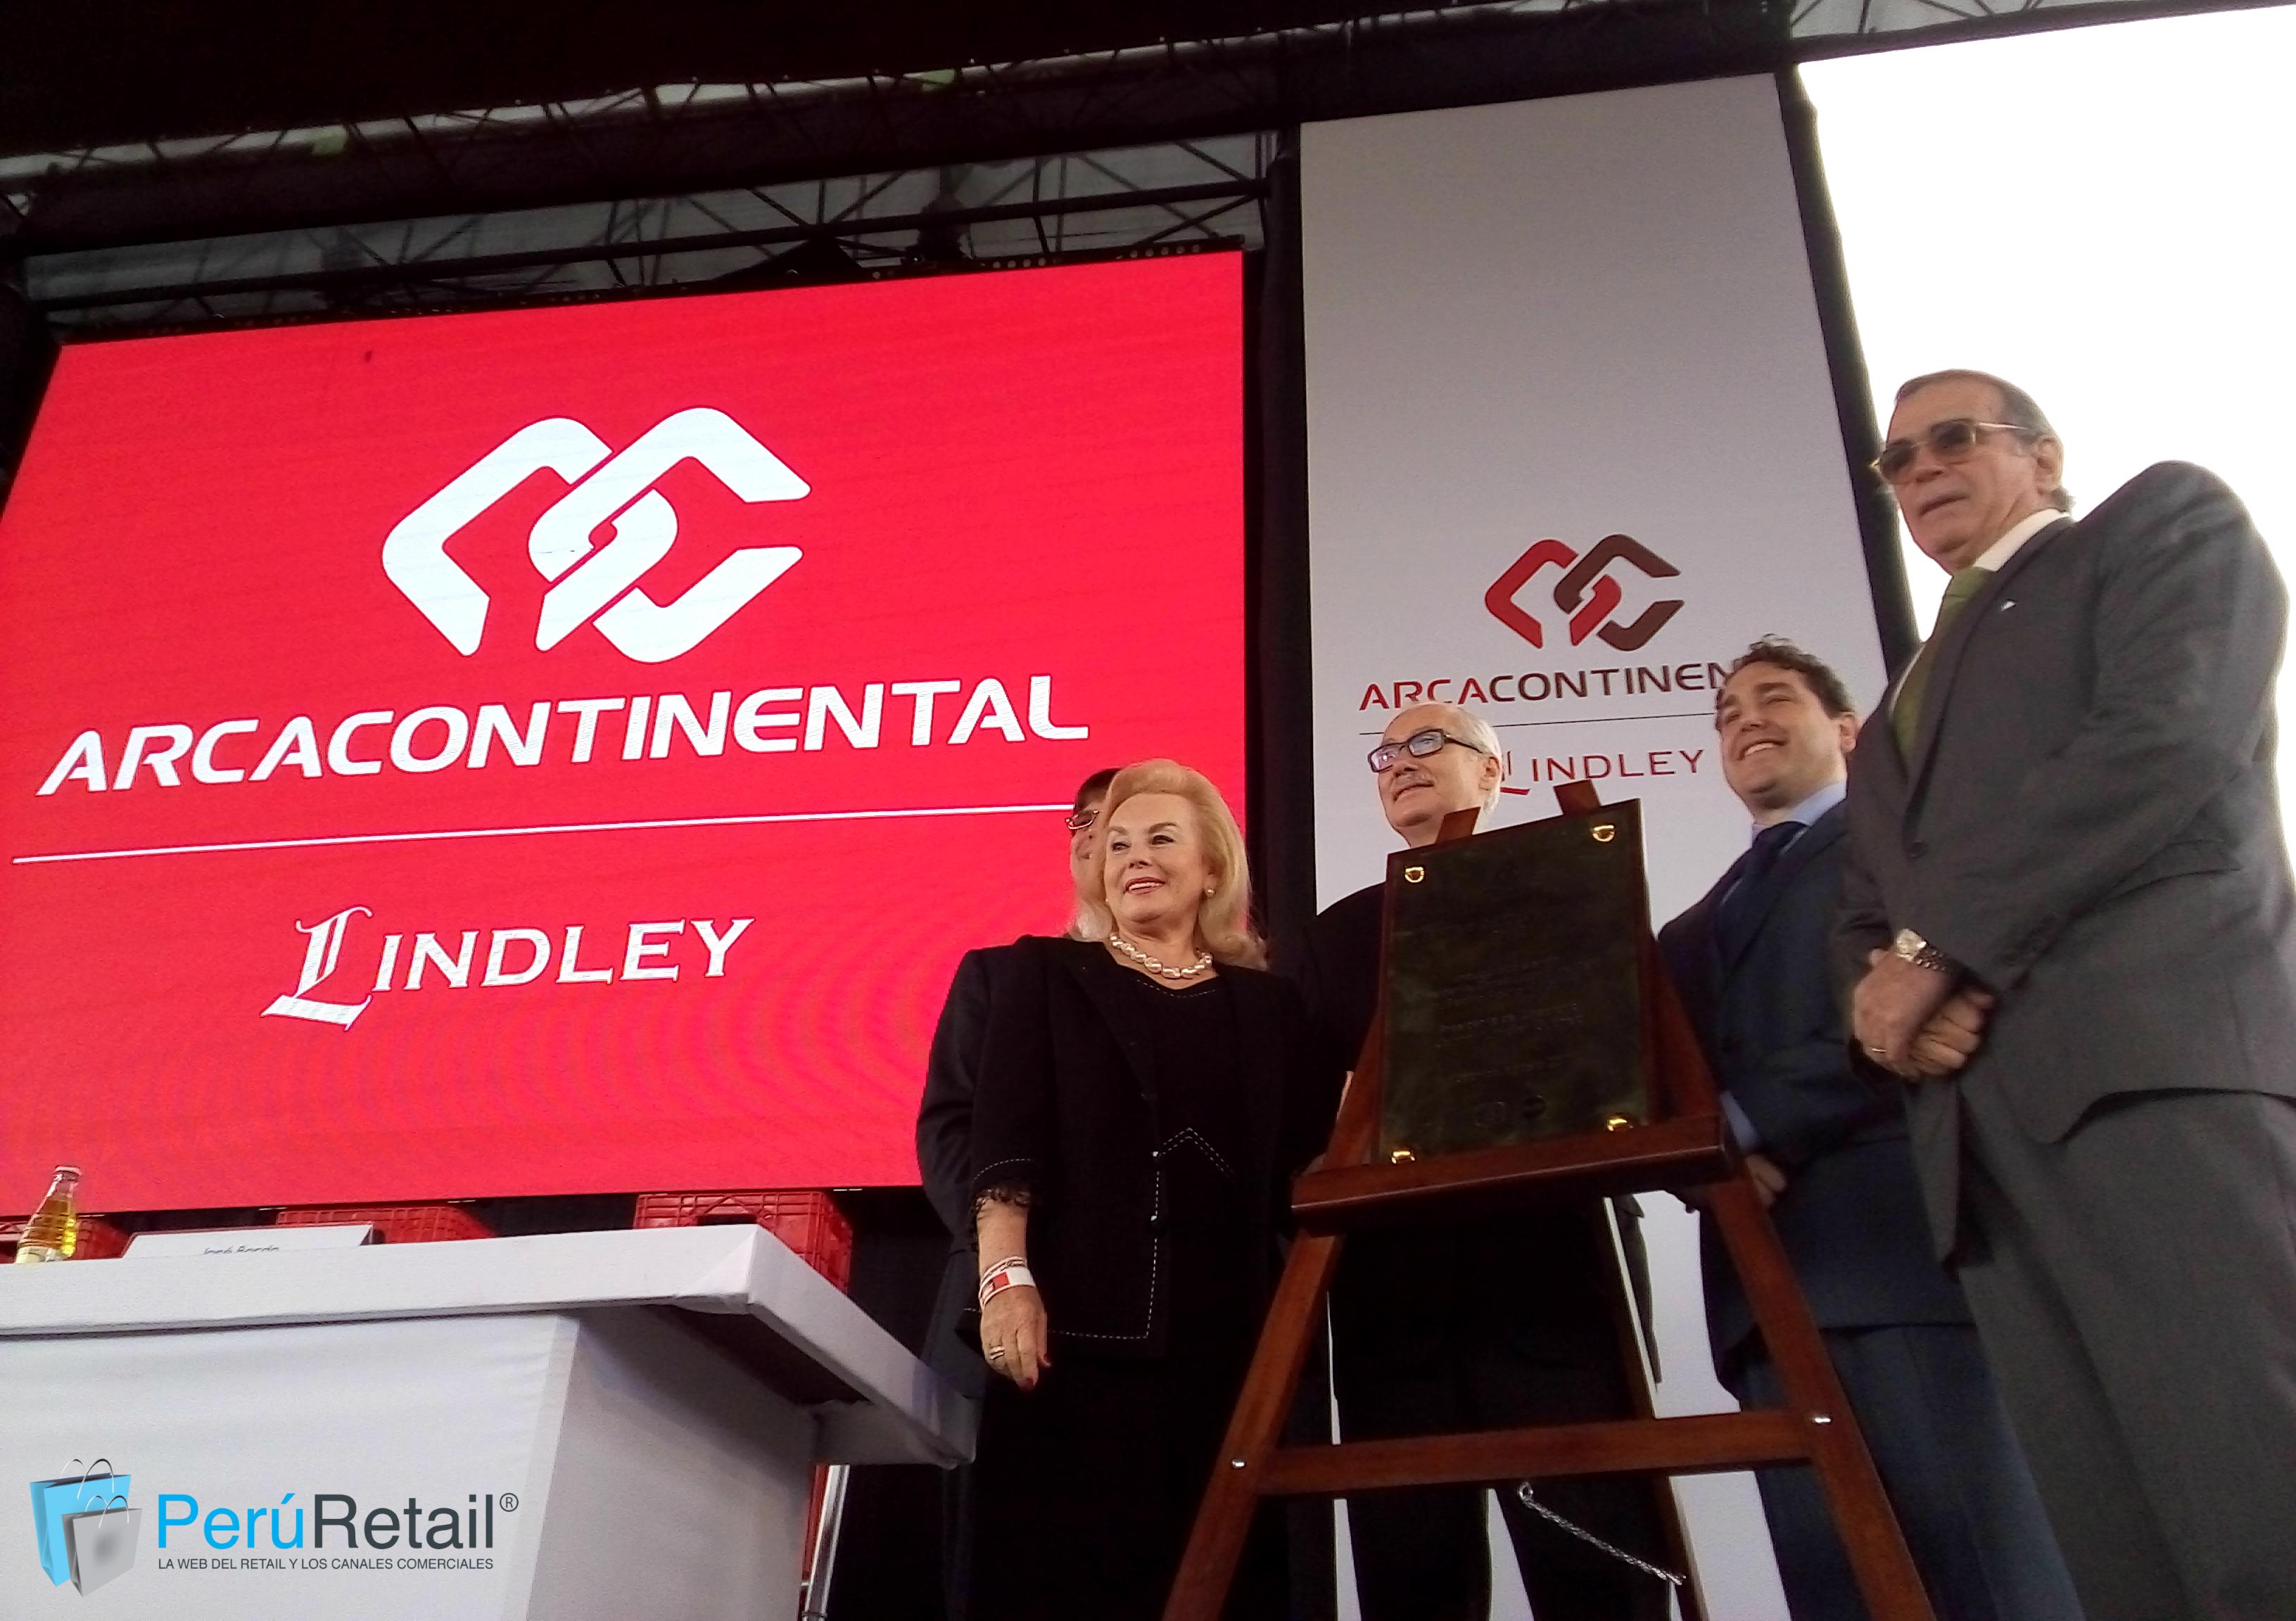 Arca Continental Lindley peru retail - Arca Continental Lindley invirtió US$ 48 millones en almacén de distribución en Perú